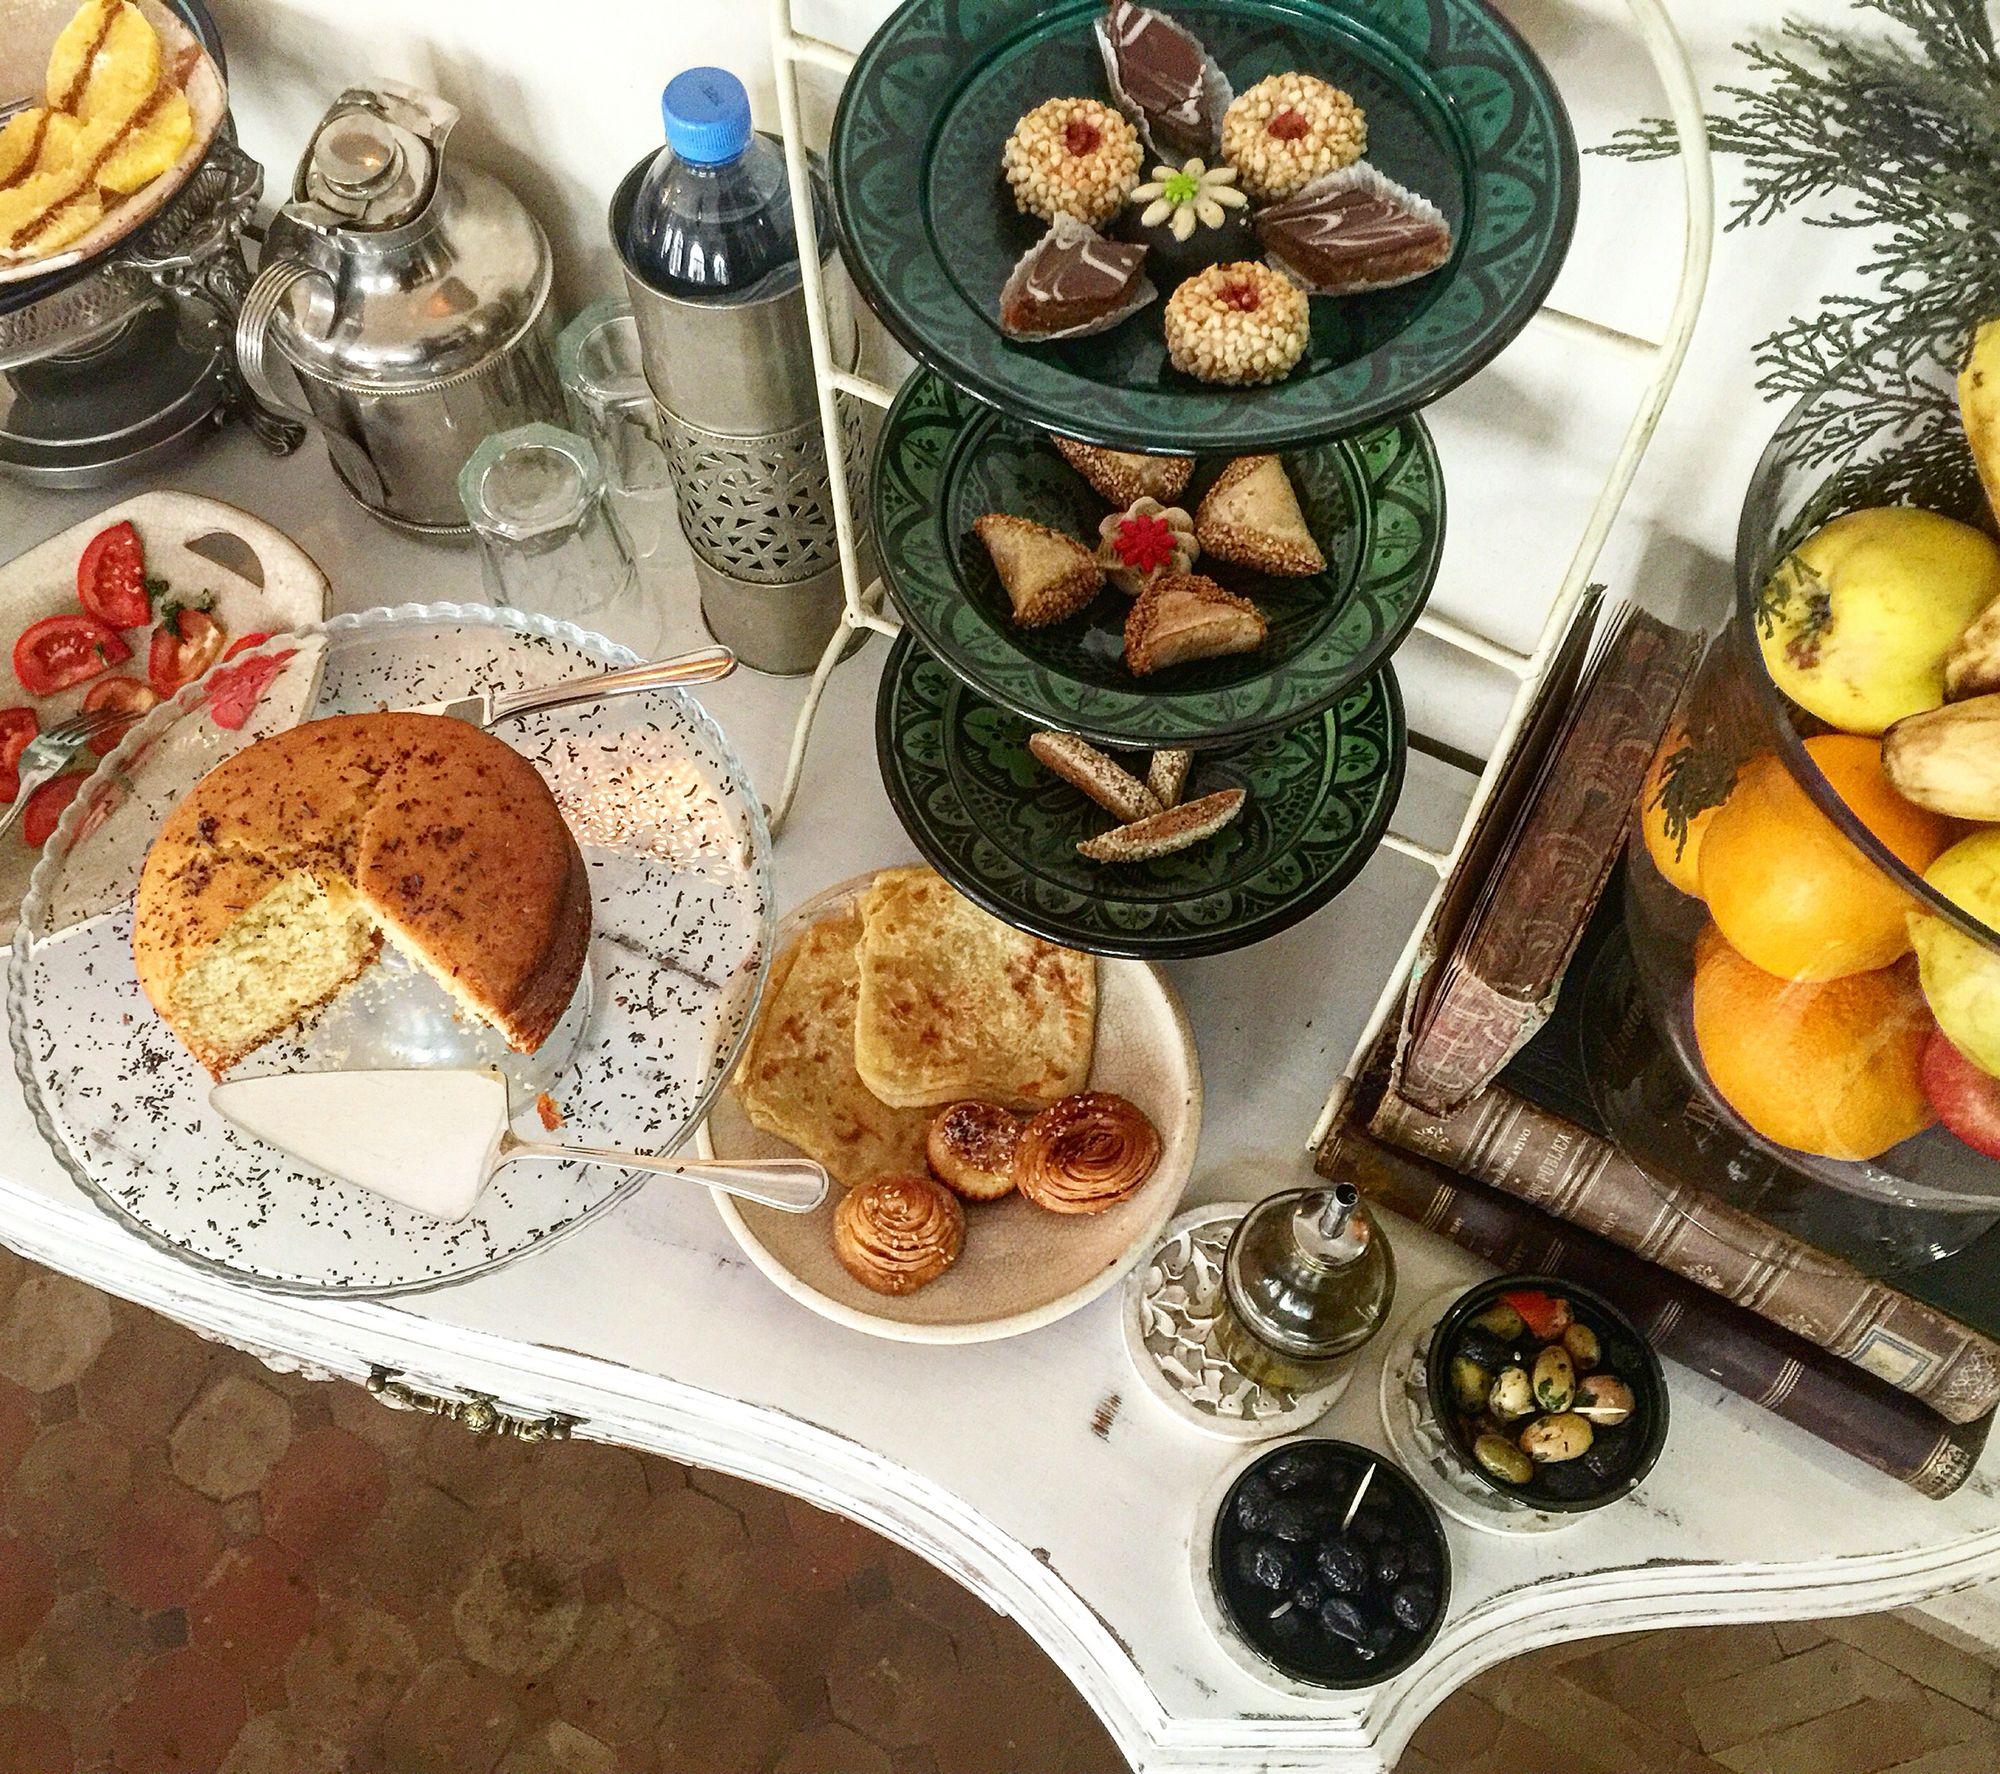 #buenosdías #felizdomingo Esto es parte del #buffet que cada día servimos durante el #desayuno en #riadpalaciodelasespecias , junto con los platos fríos y calientes que cada día variamos. #hotelboutique #hotelconencanto #escapadamarroqui #vacaciones #elmejorriaddelmundo #decoration #decor #marrakech #morocco #marruecos #maroc   www.palaciodelasespecias.com